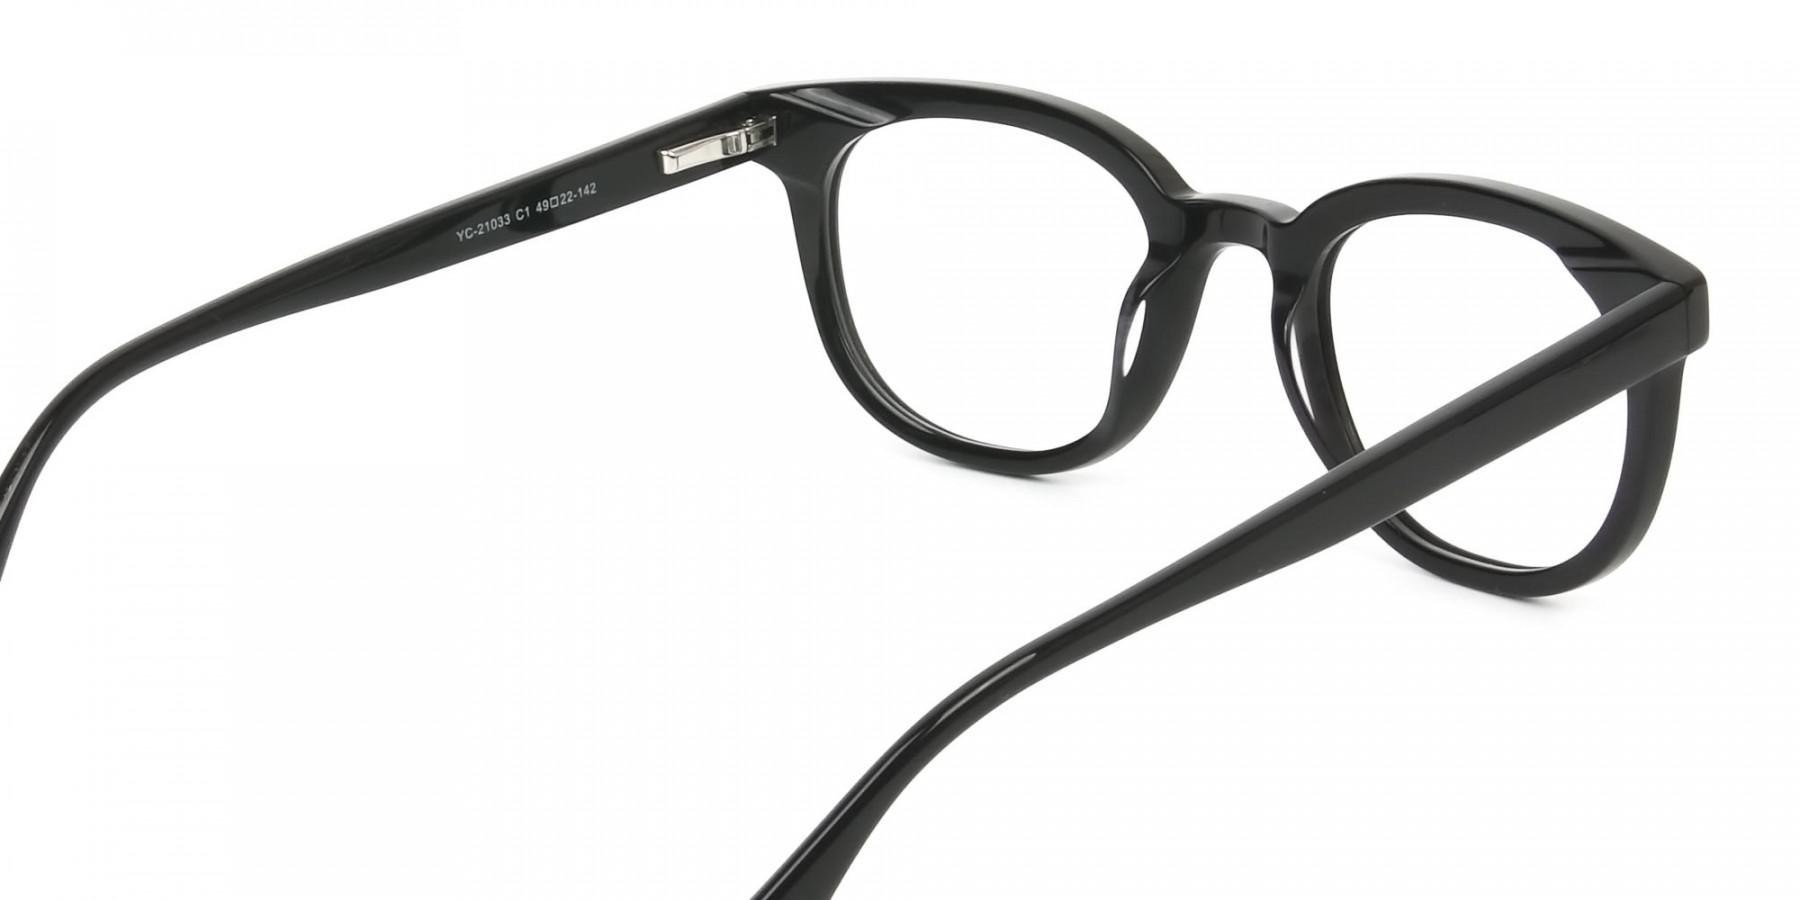 Black Vintage Horn Glasses in Wayfarer - 1